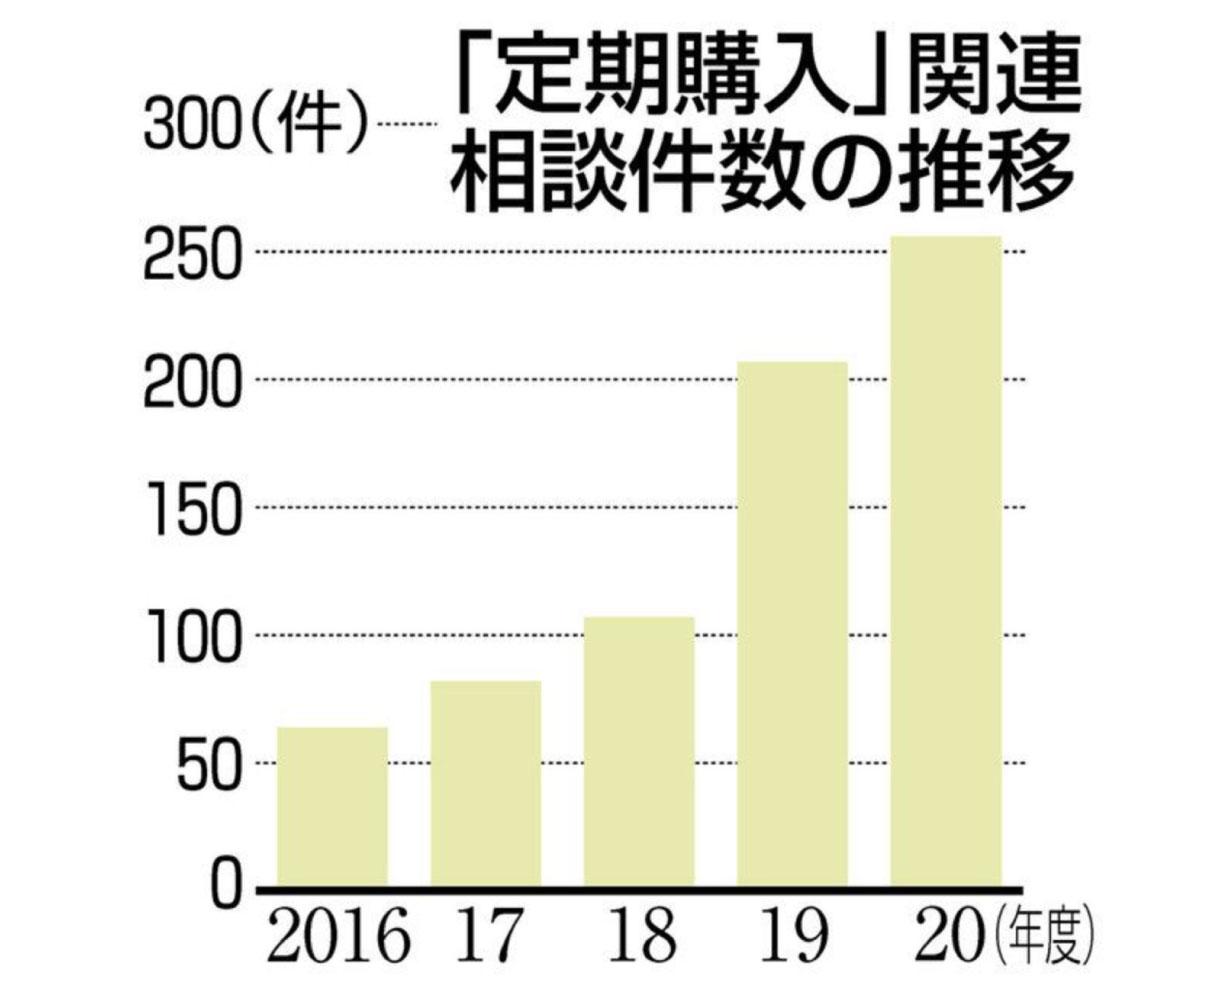 ネットで「定期購入」慎重に 20年度の県消費生活センター トラブル相談最多256件